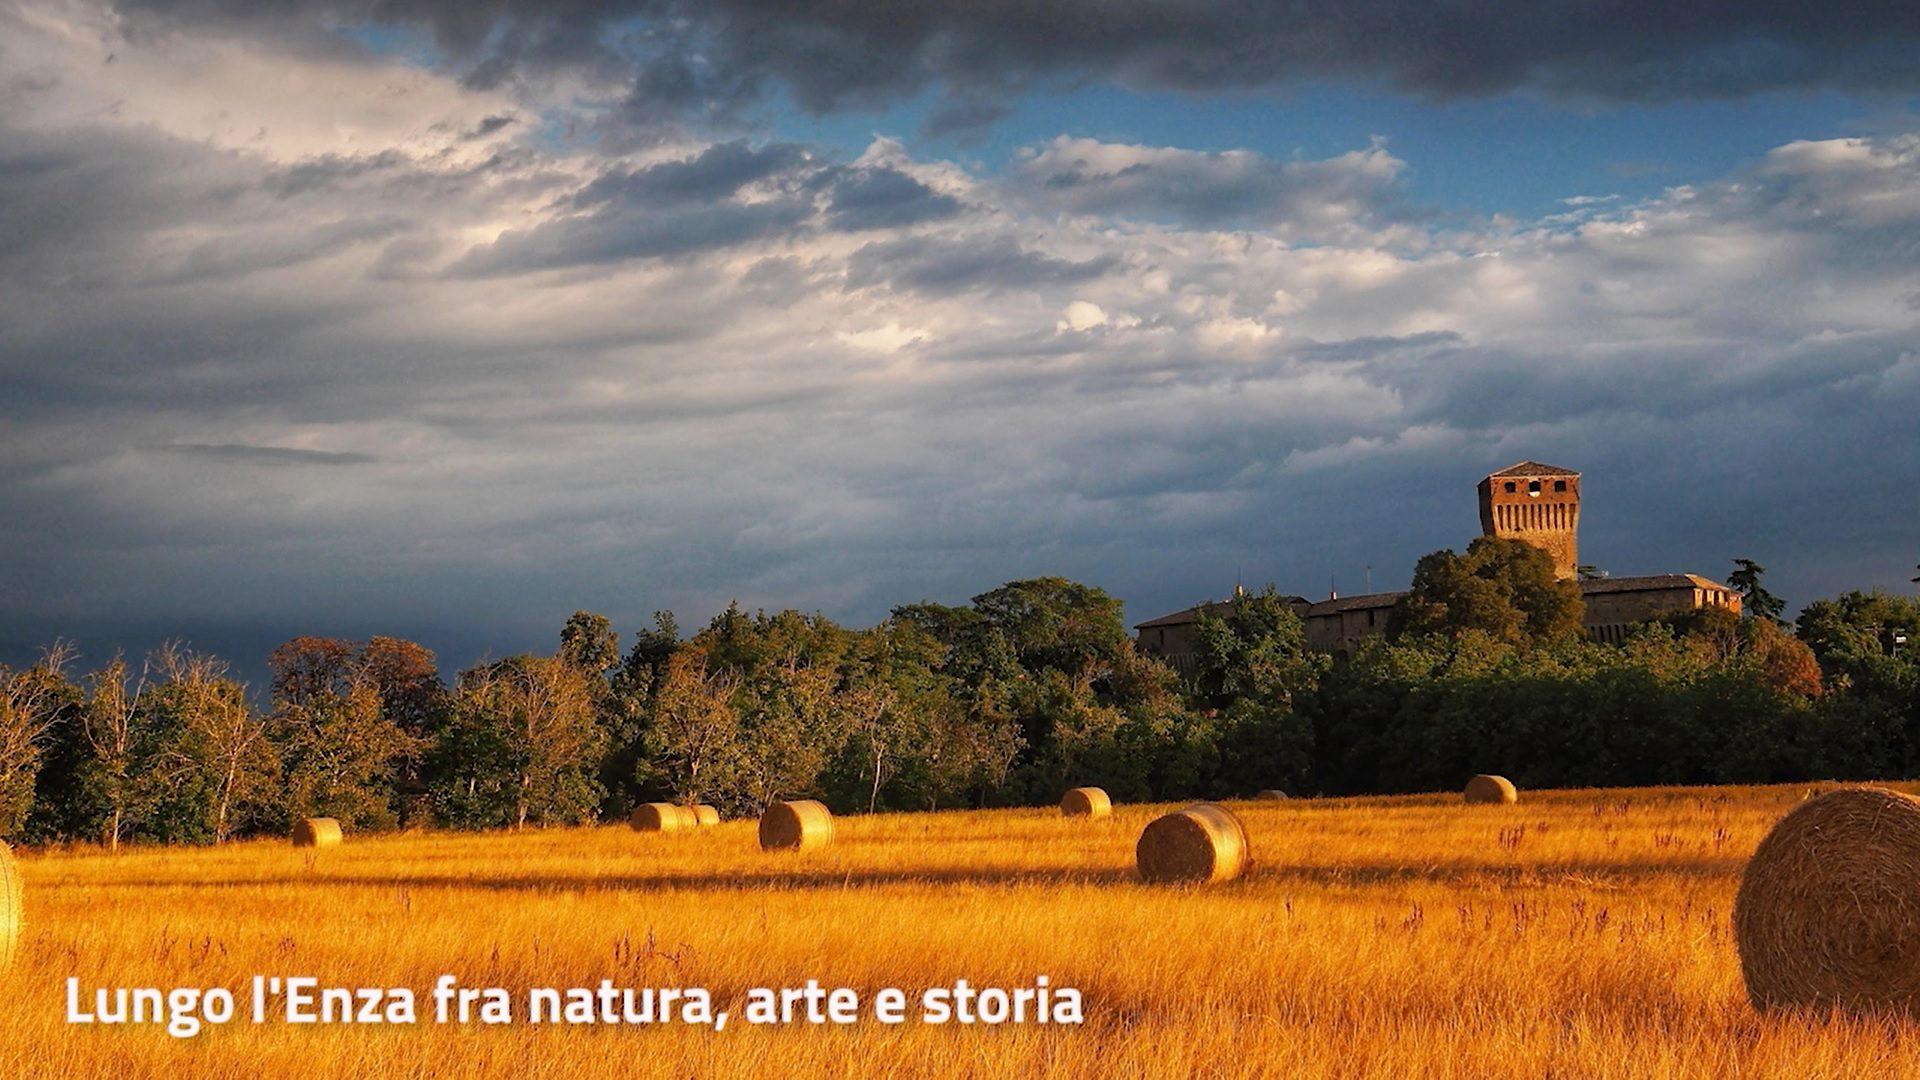 In viaggio con Tourer.it: per scoprire la meraviglie delle province dell'Emilia-Romagna